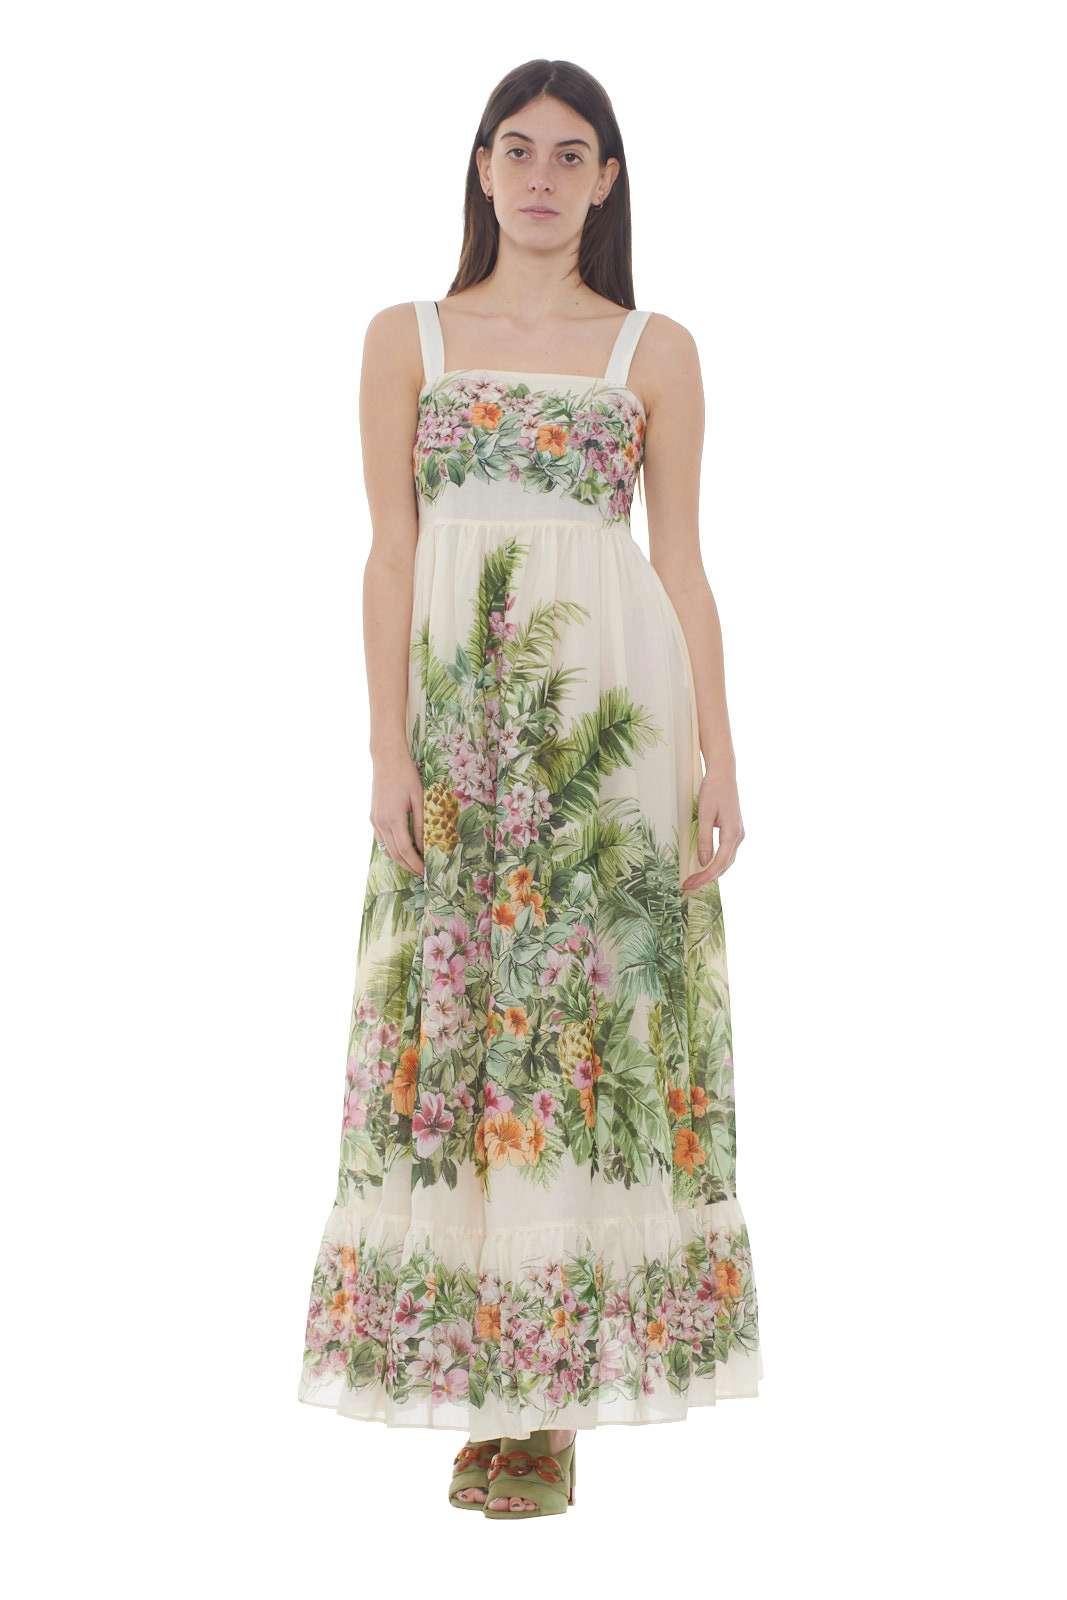 Un abito con una delicata fantasia floreale la proposta donna Twinset Milano. La gonna svasata su fascia alta lo rende fashion e raffinato. Il tessuto in cotone è impreziosito dalla rouche sul fondo per un look chic.